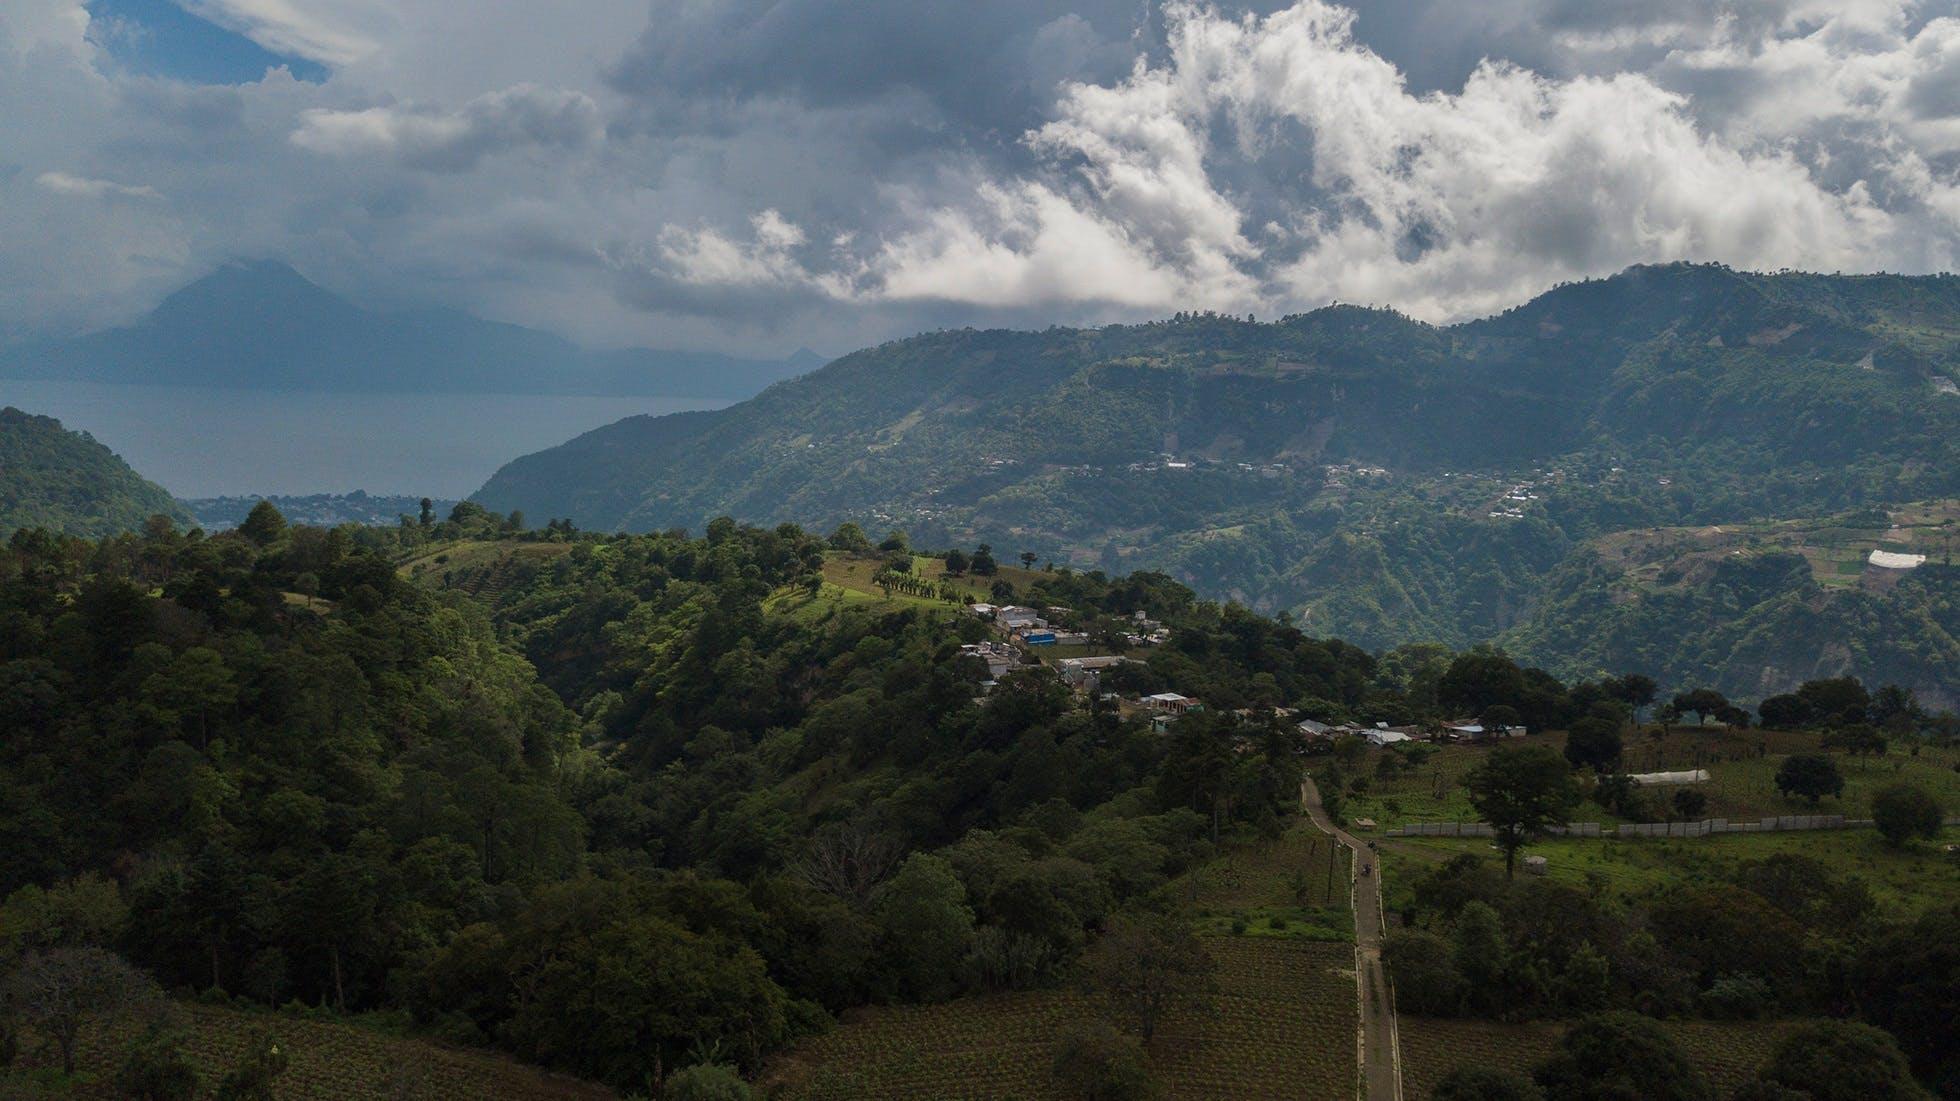 Paisaje en Quiché, Guatemala. Foto Morena Pérez Joachin